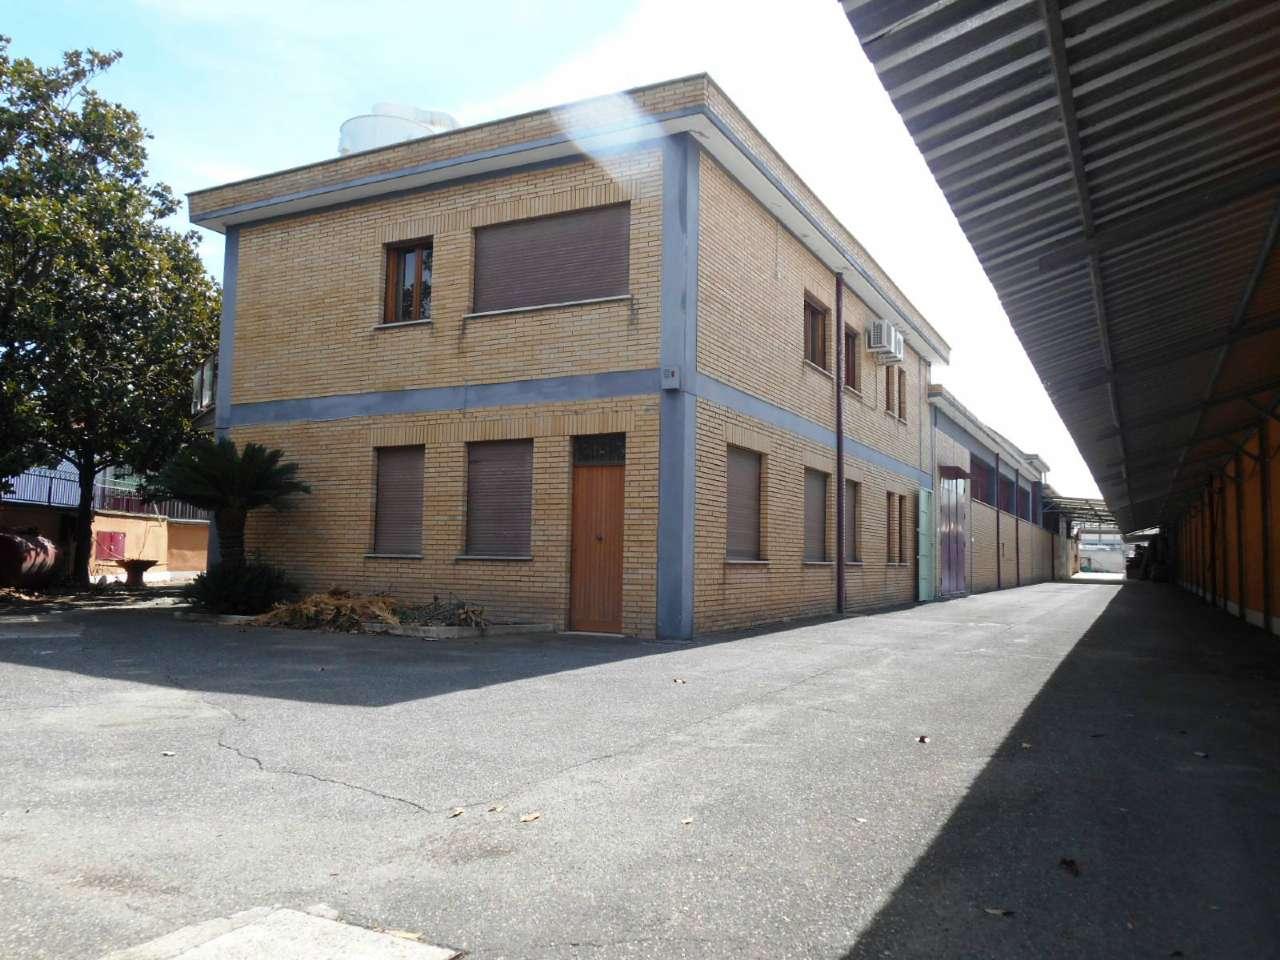 Capannone in vendita a Ciampino, 5 locali, prezzo € 1.900.000 | CambioCasa.it